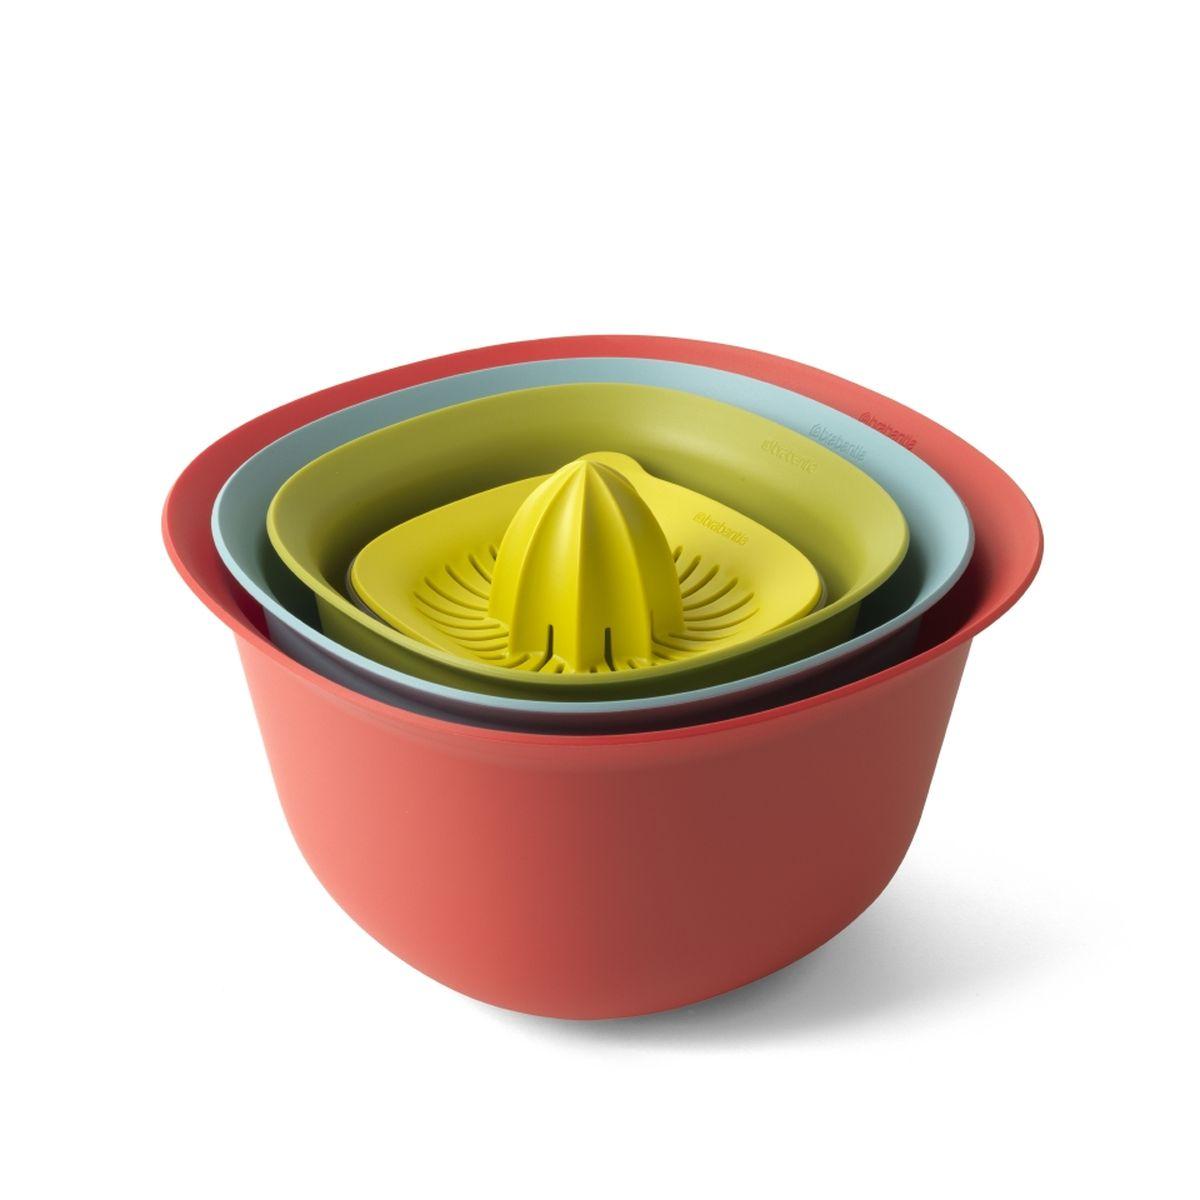 Стильный кухонный набор включает все самые необходимые кухонные  принадлежности.  В набор входят: миски 1,5 и 3,2 л, дуршлаг, соковыжималка для цитрусовых с  мерным стаканом.  Экономия места на кухне и удобное хранение в выдвижном ящике – изделия  составляются одно в другое.  Легко моются – можно мыть в посудомоечной машине.  Миски и мерный стакан имеют нескользящее основание.  Мерный стакан вместимостью 500 мл имеет четкие мерные деления в мл, пинтах,  порциях и жидких унциях.  Соковыжималка подходит для приготовления сока из любых цитрусовых.